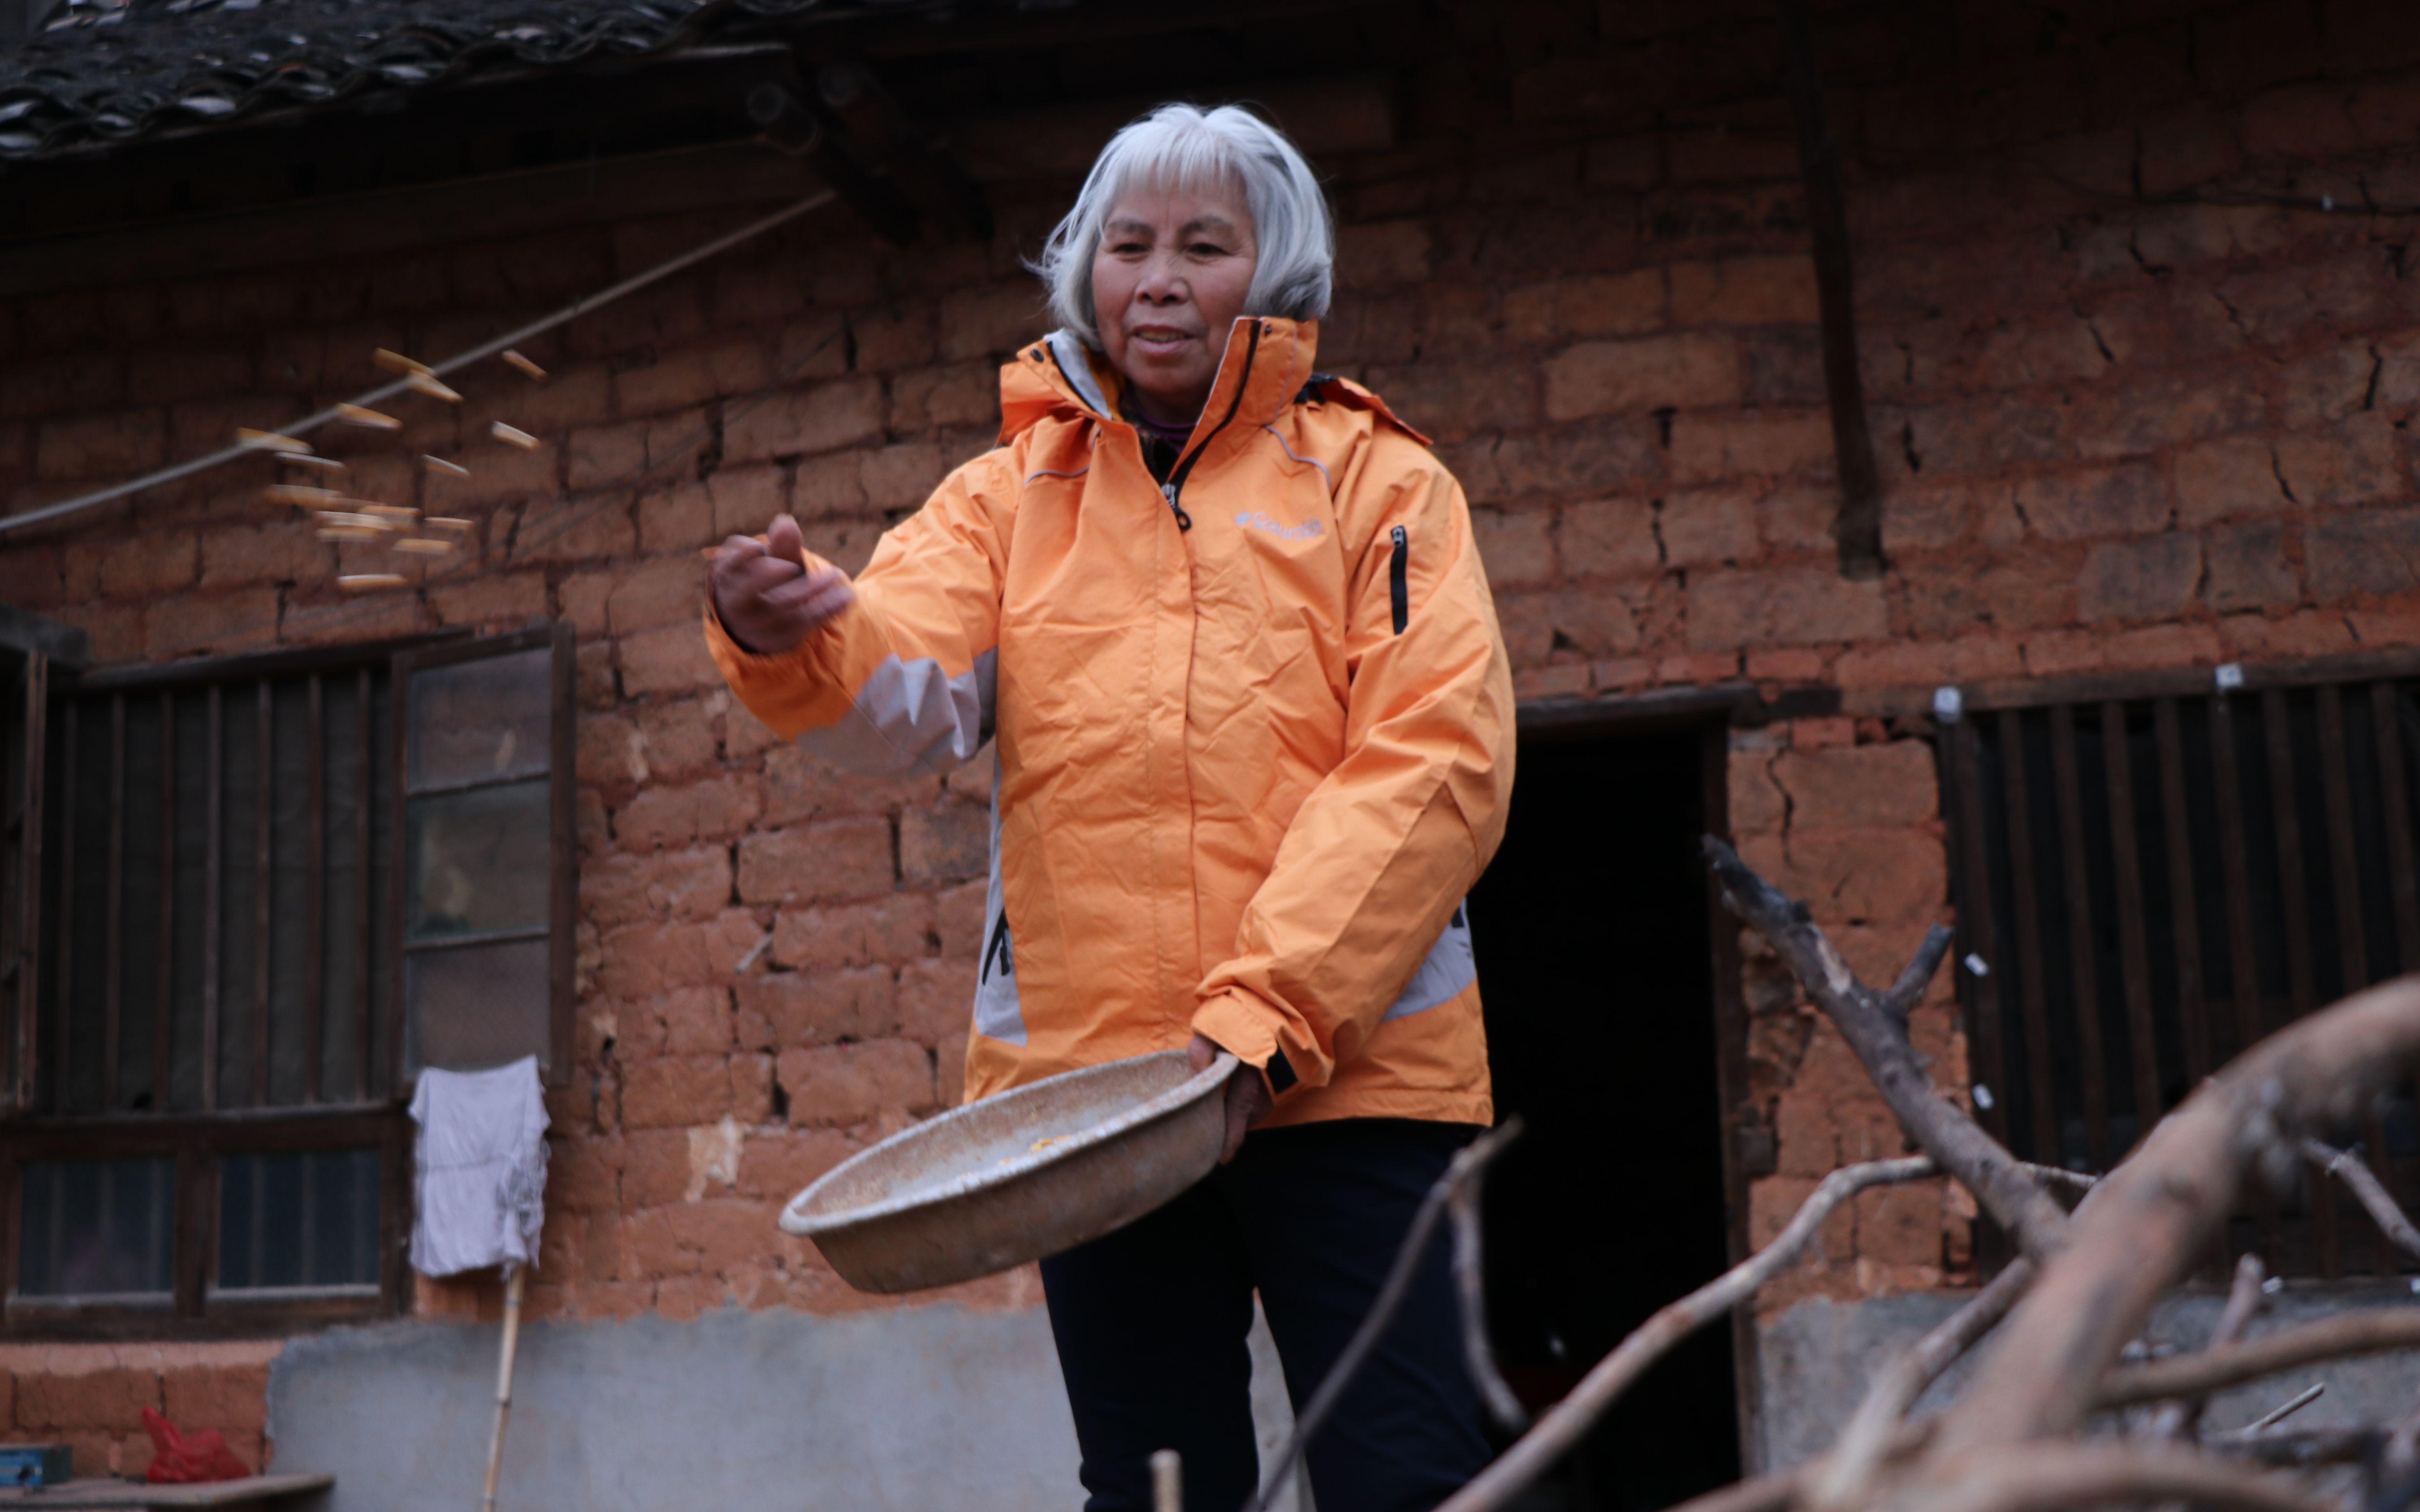 满头白发,老奶奶心态却比我们好100倍,这样的生活你向往吗